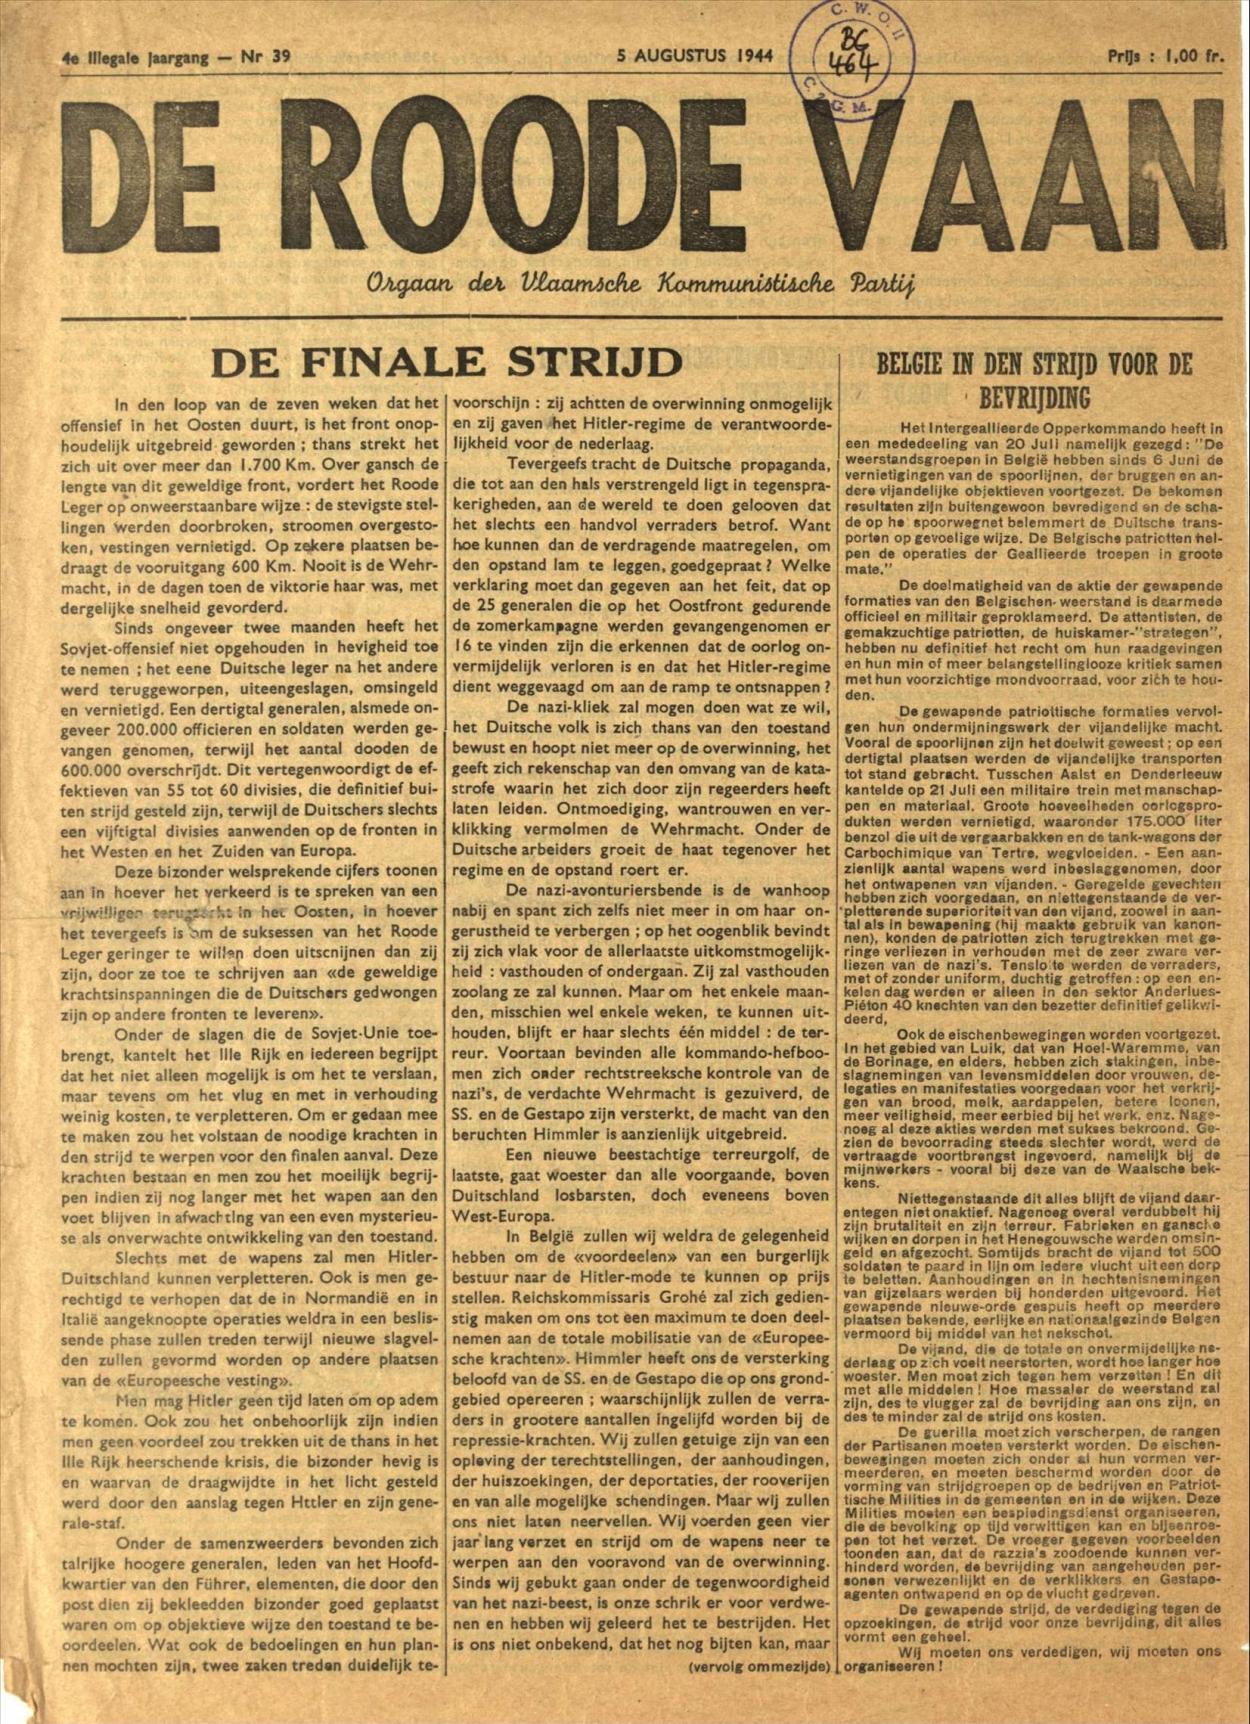 soma_bg464_1944-08-05_01_048-00001-de-roode-vaan-1-8-1944.jpg